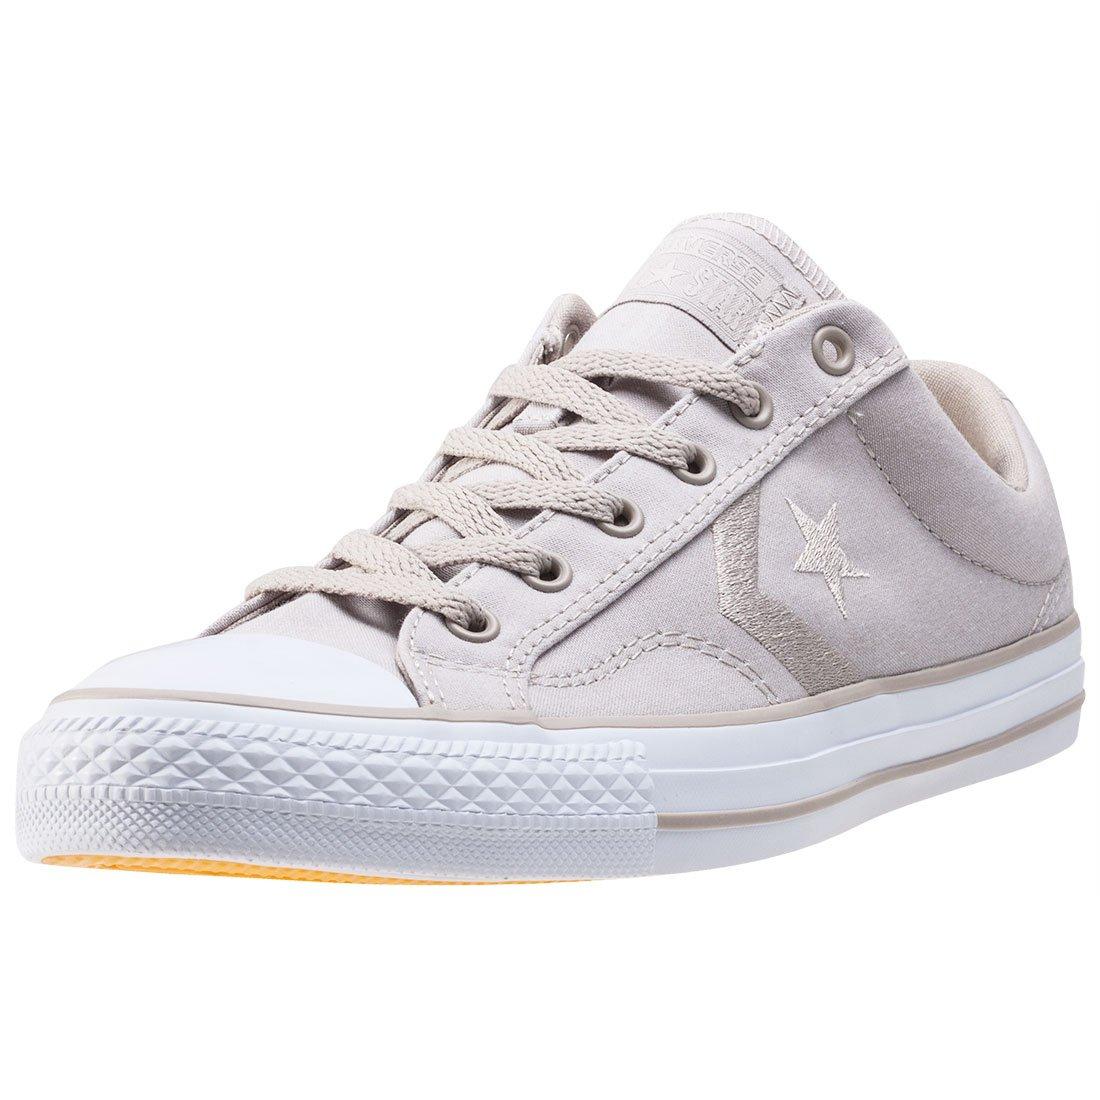 Adidas Herren Cons Star Player Ox Basketballschuhe B06ZYCKKV1 Basketballschuhe Vollständige Spezifikationen